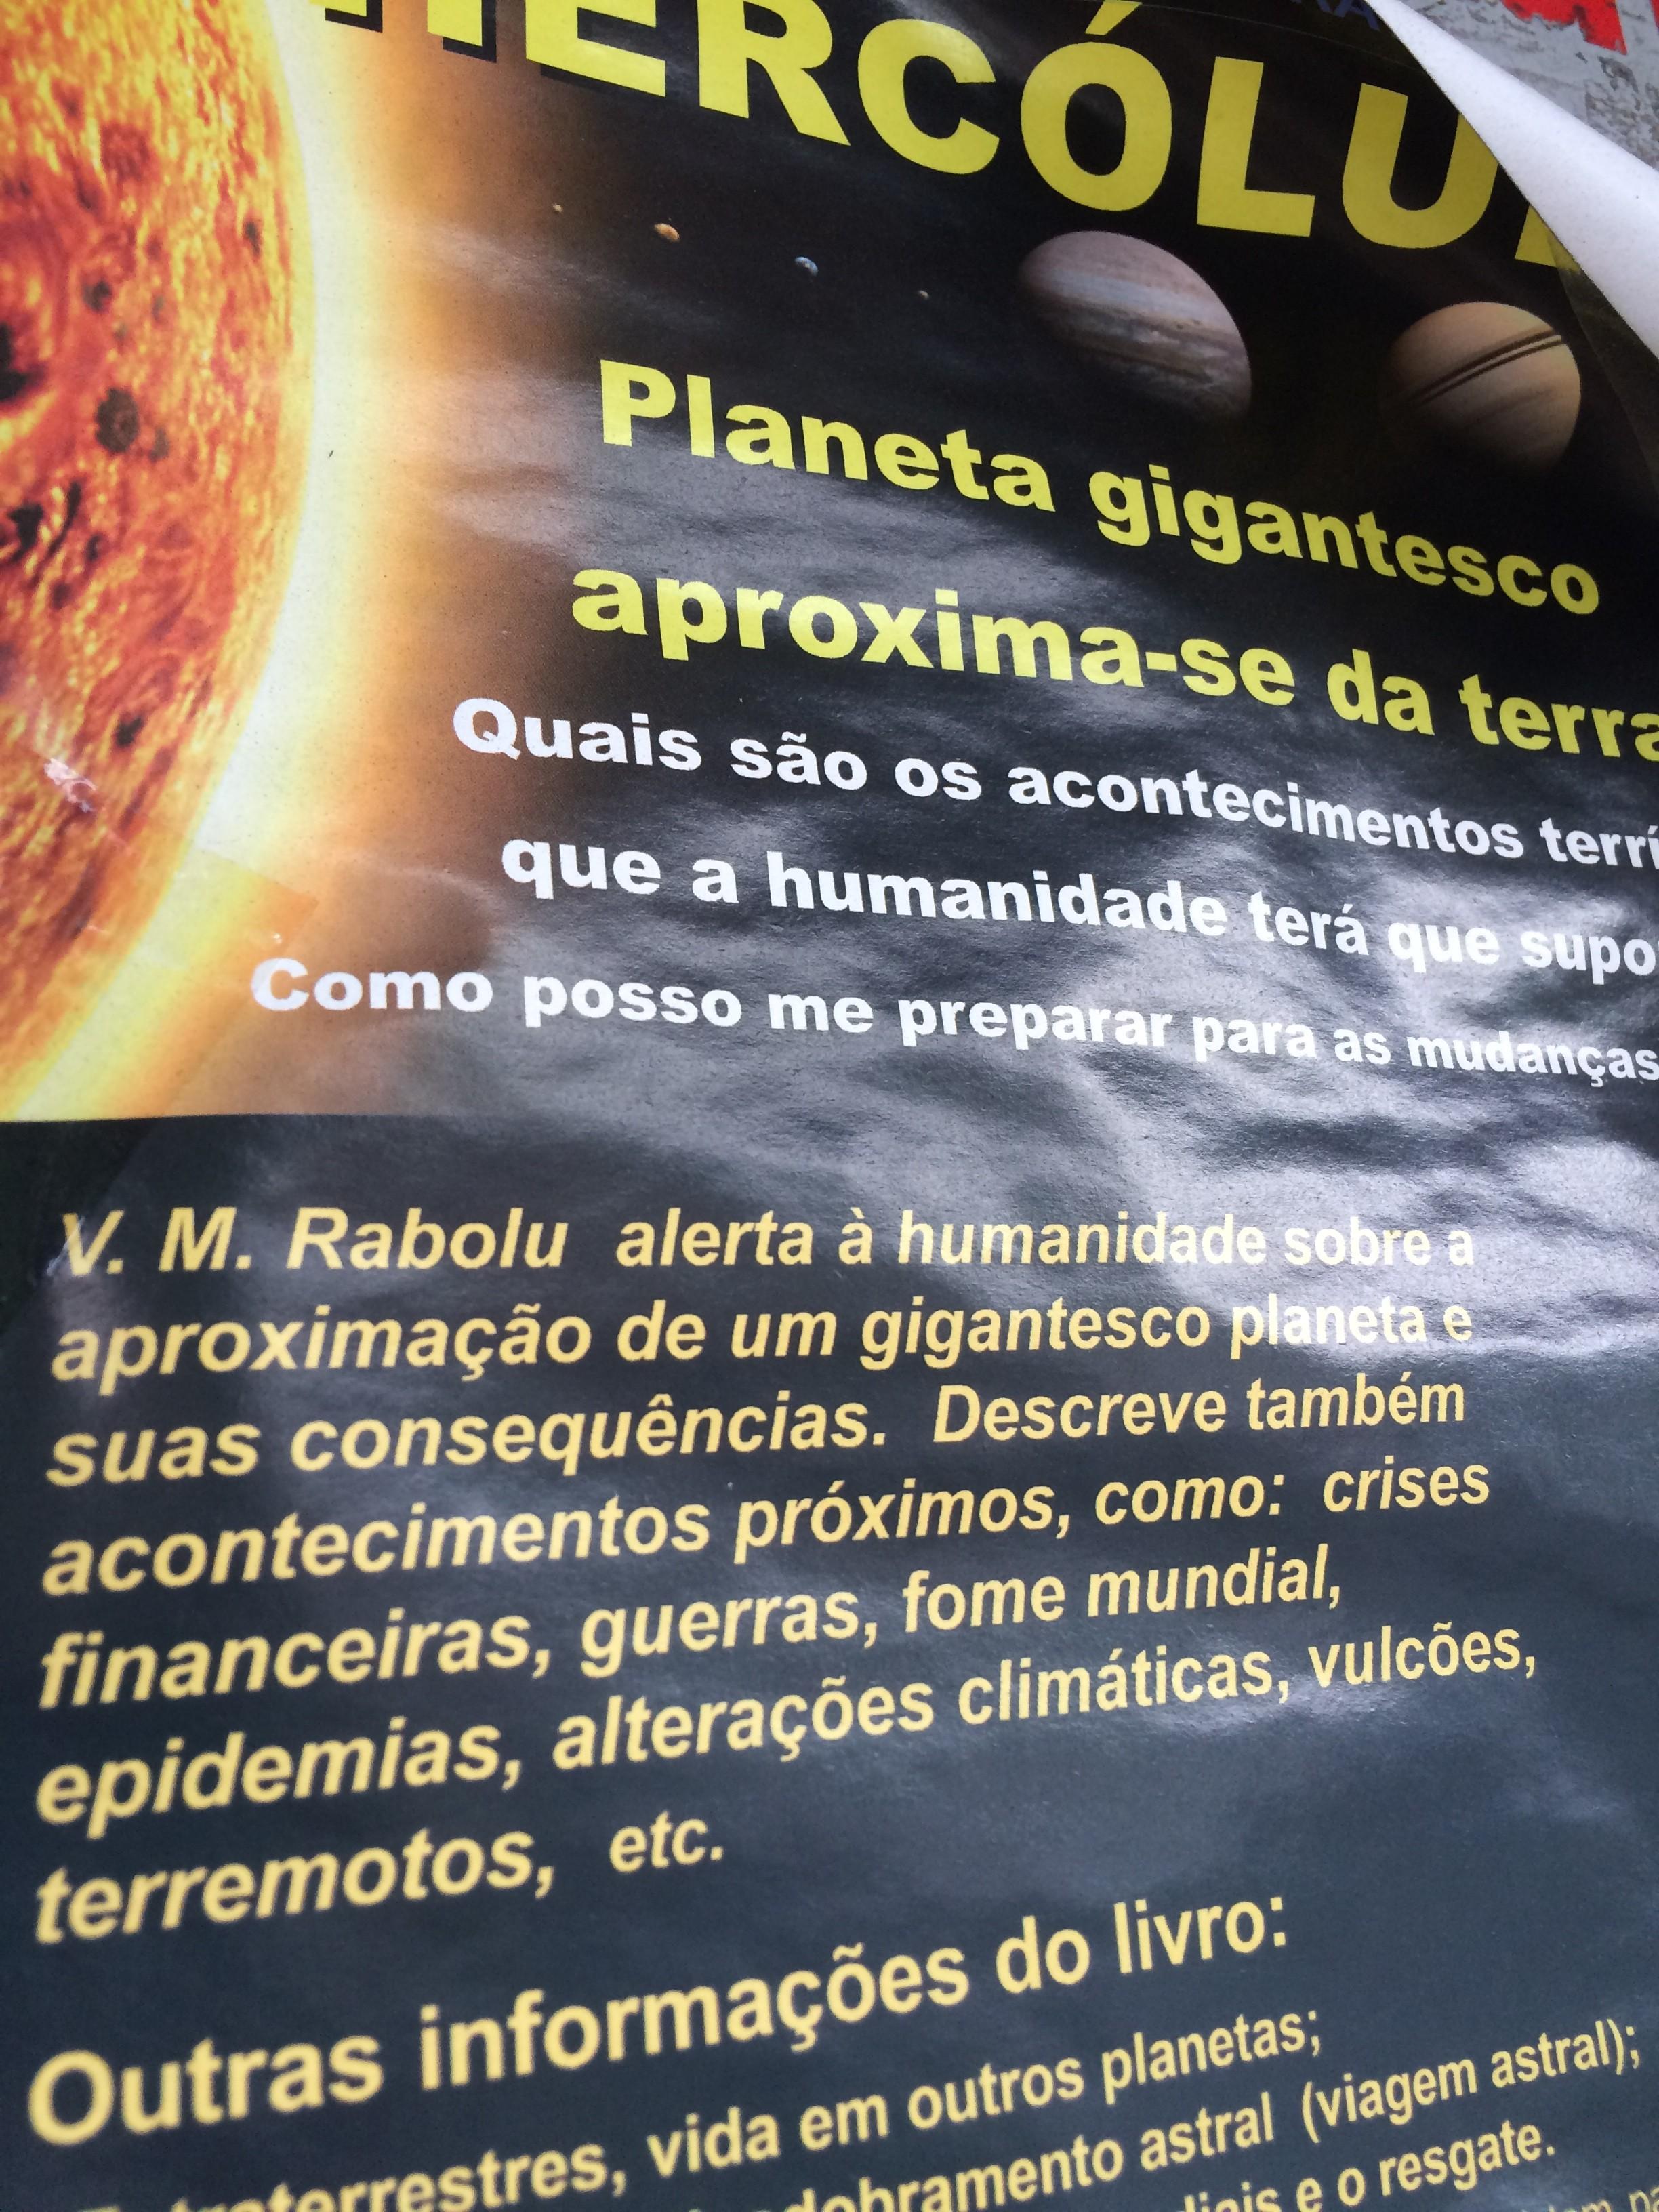 Cartaz sobre Hercólubus, encontrado em ponto de ônibus  (Foto: Acervo Pessoal)